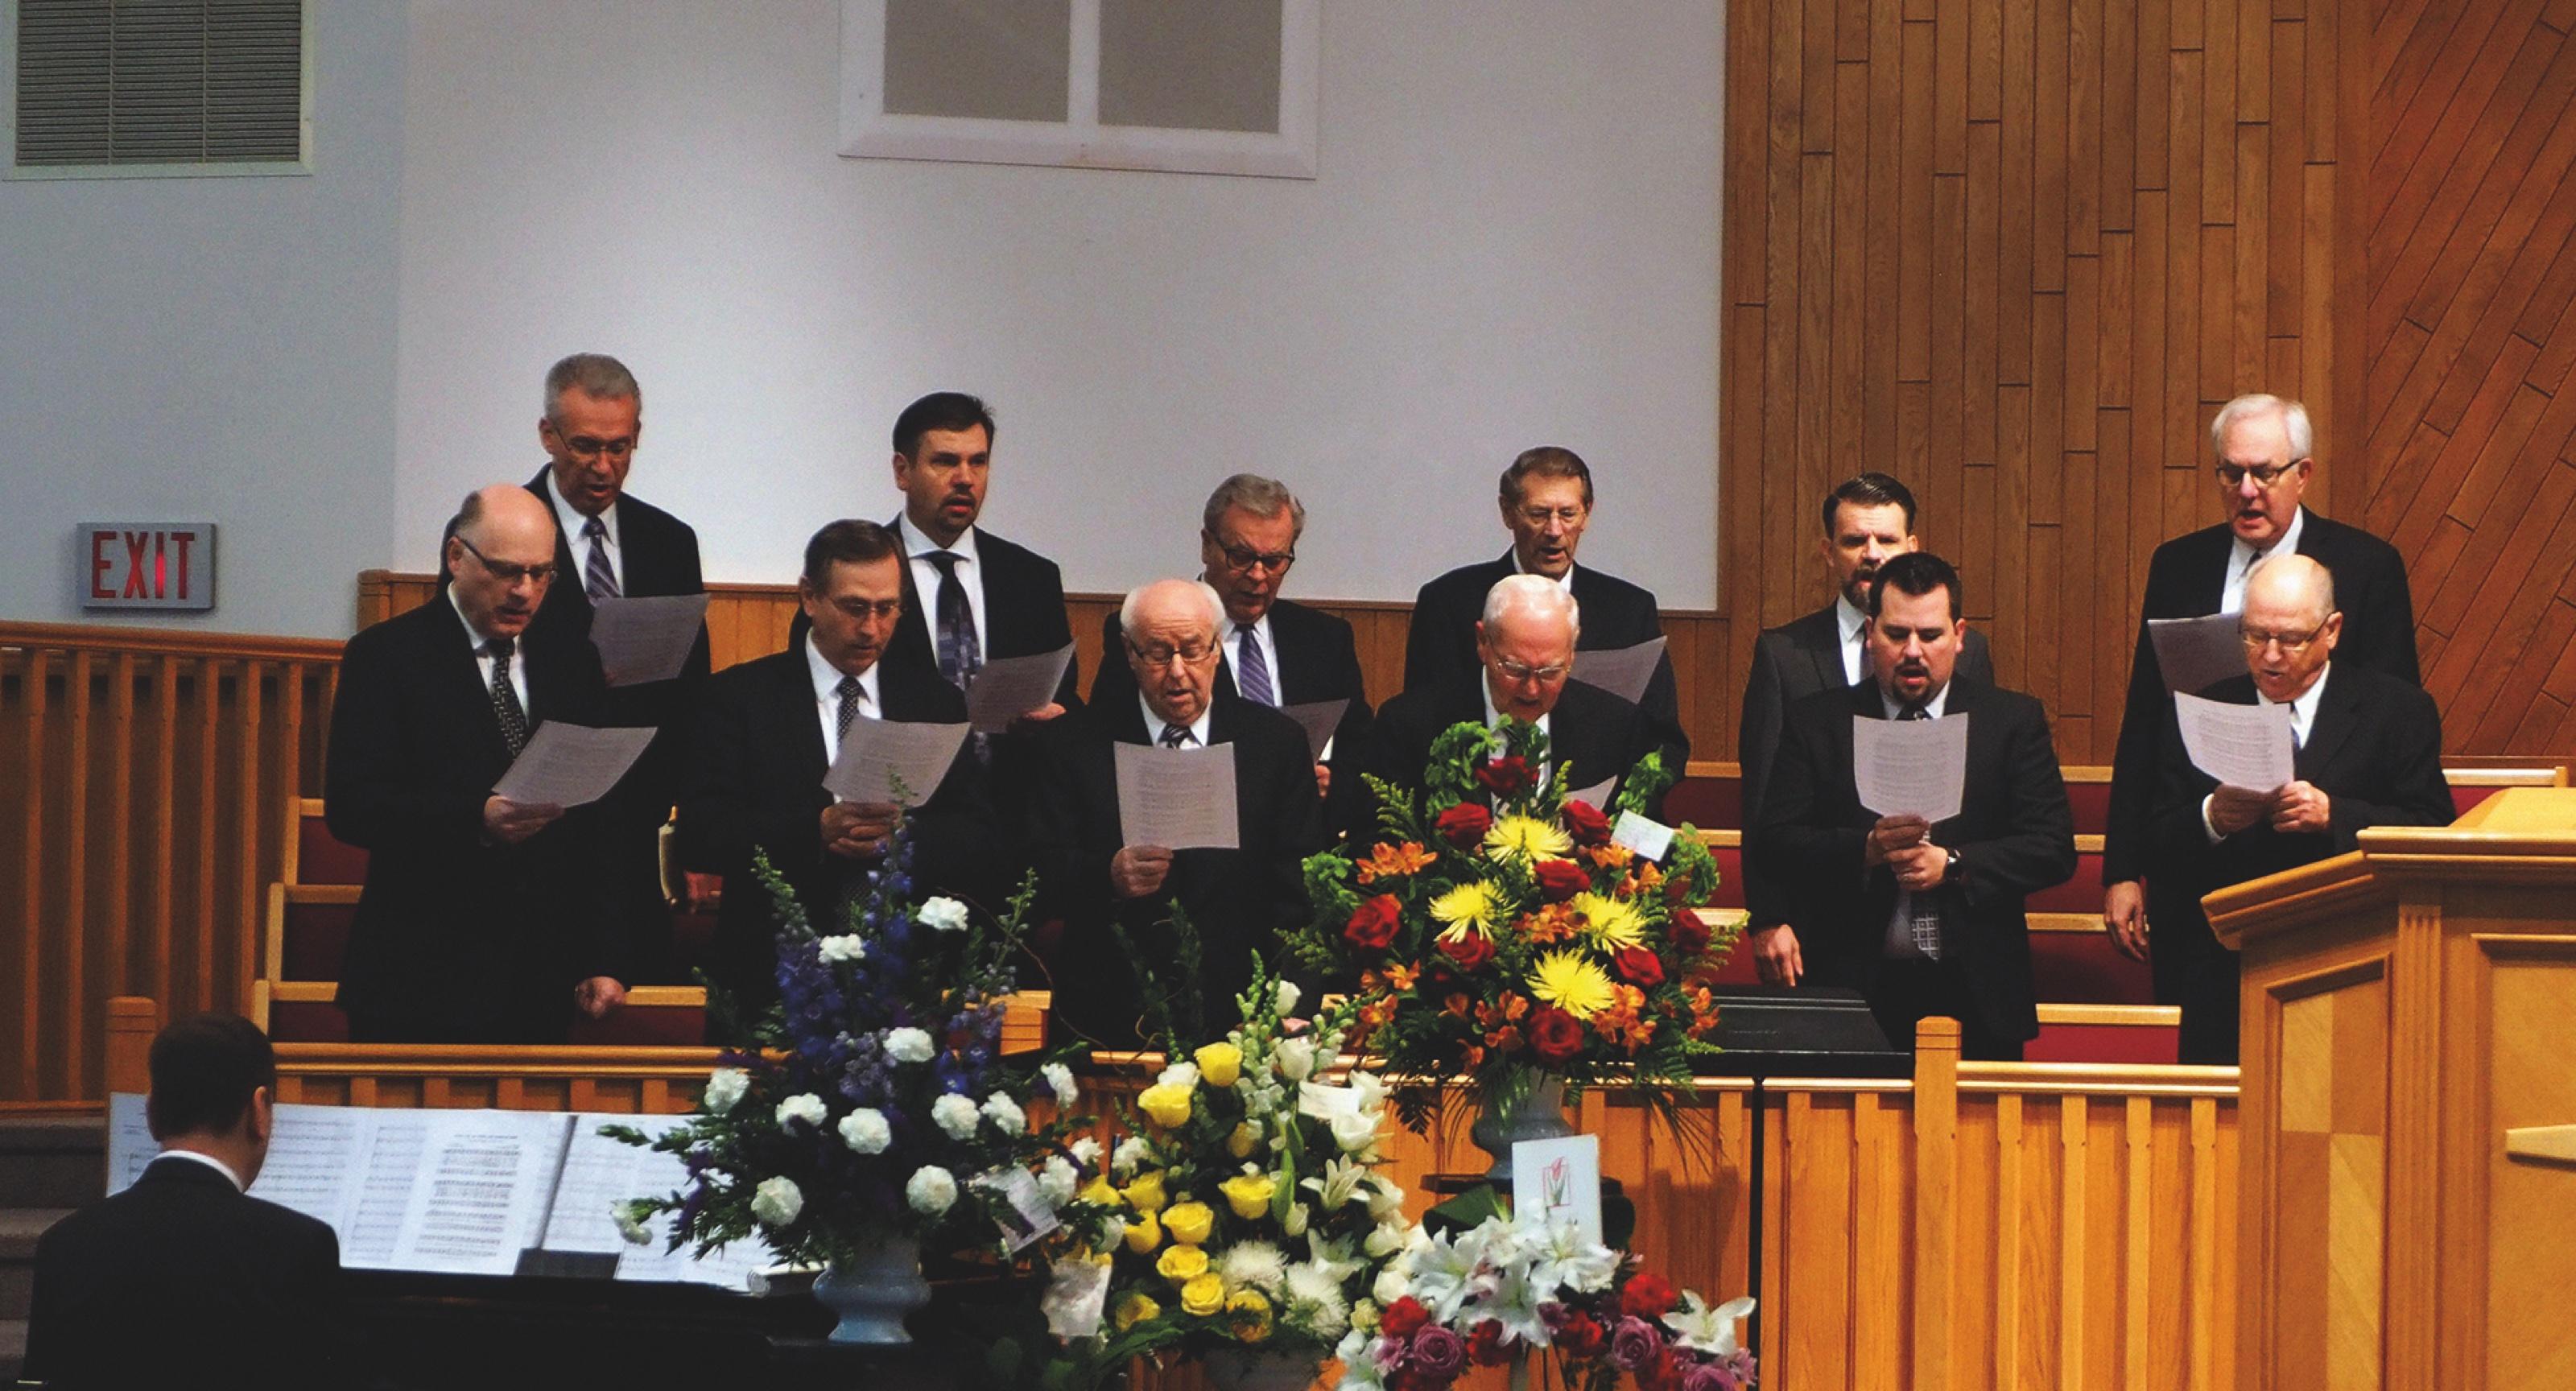 Berndt, Reinhardt – Beerdigung